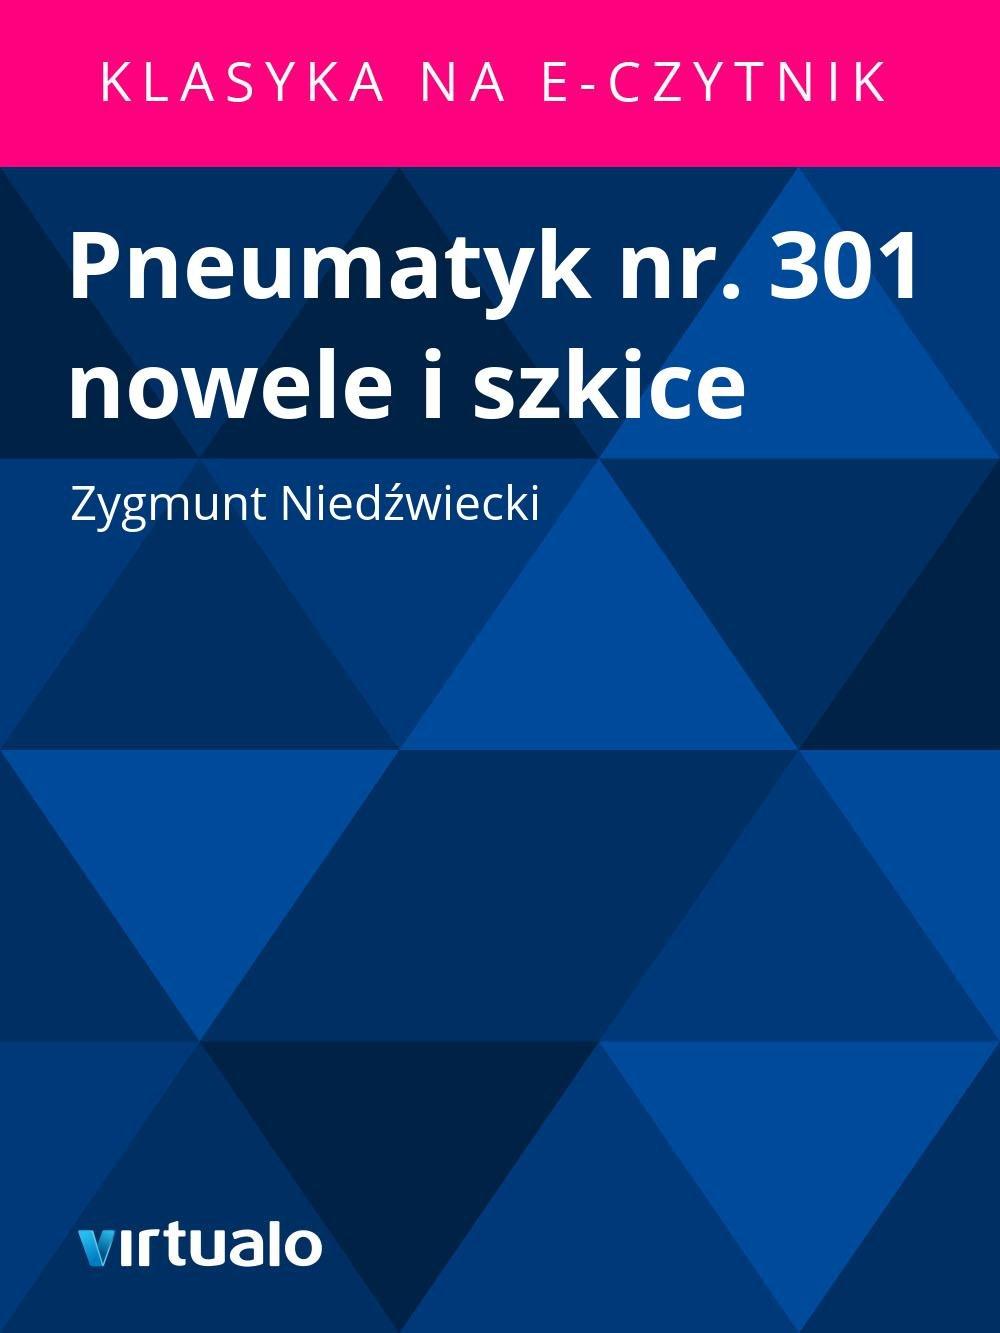 Pneumatyk nr. 301 nowele i szkice - Ebook (Książka EPUB) do pobrania w formacie EPUB